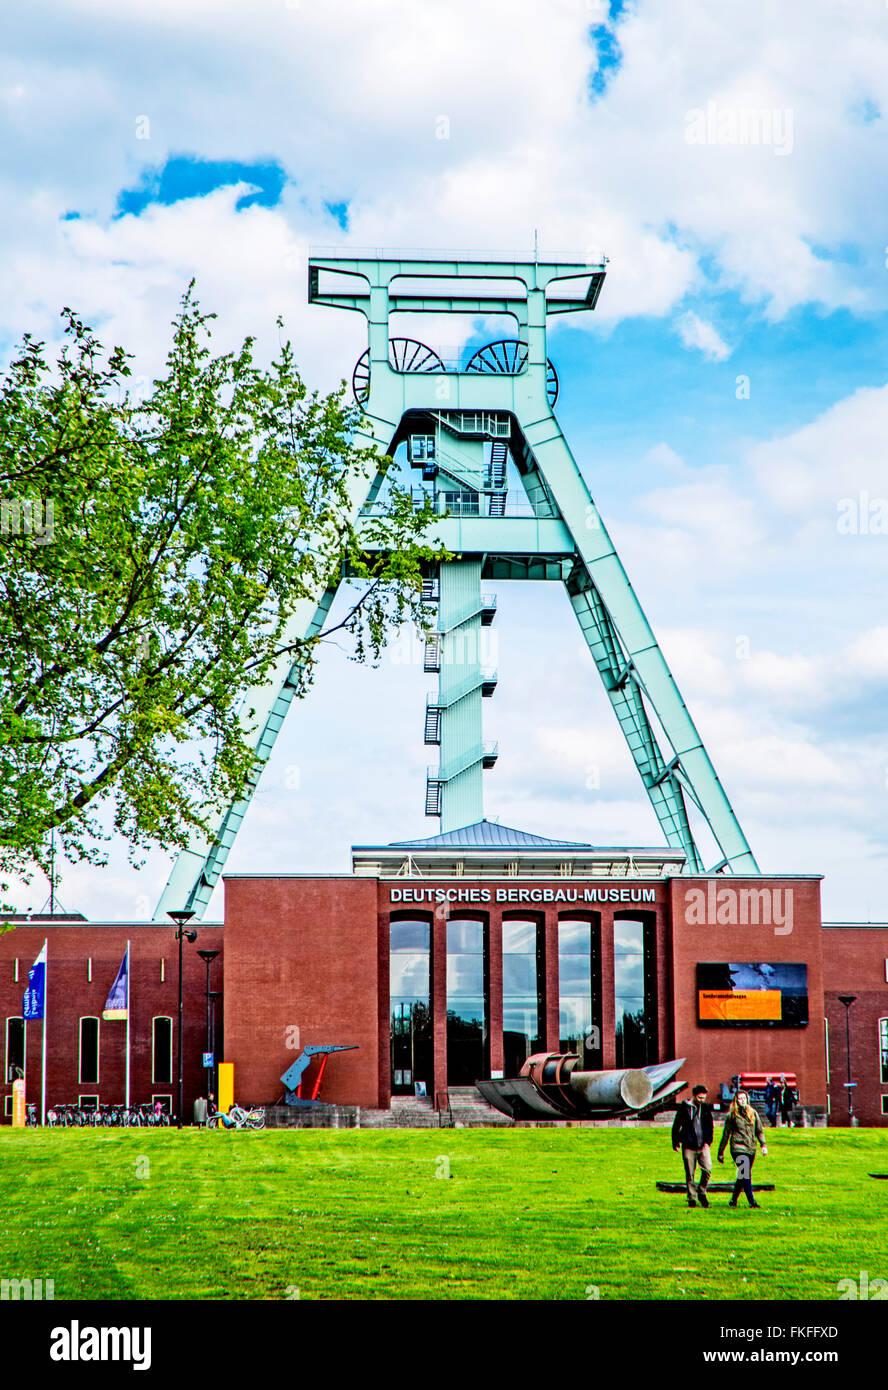 Deutsche Bergbau-Museum Bochum (DBM);  German Mining Museum in Bochum, greatest mining museum of the world - Stock Image